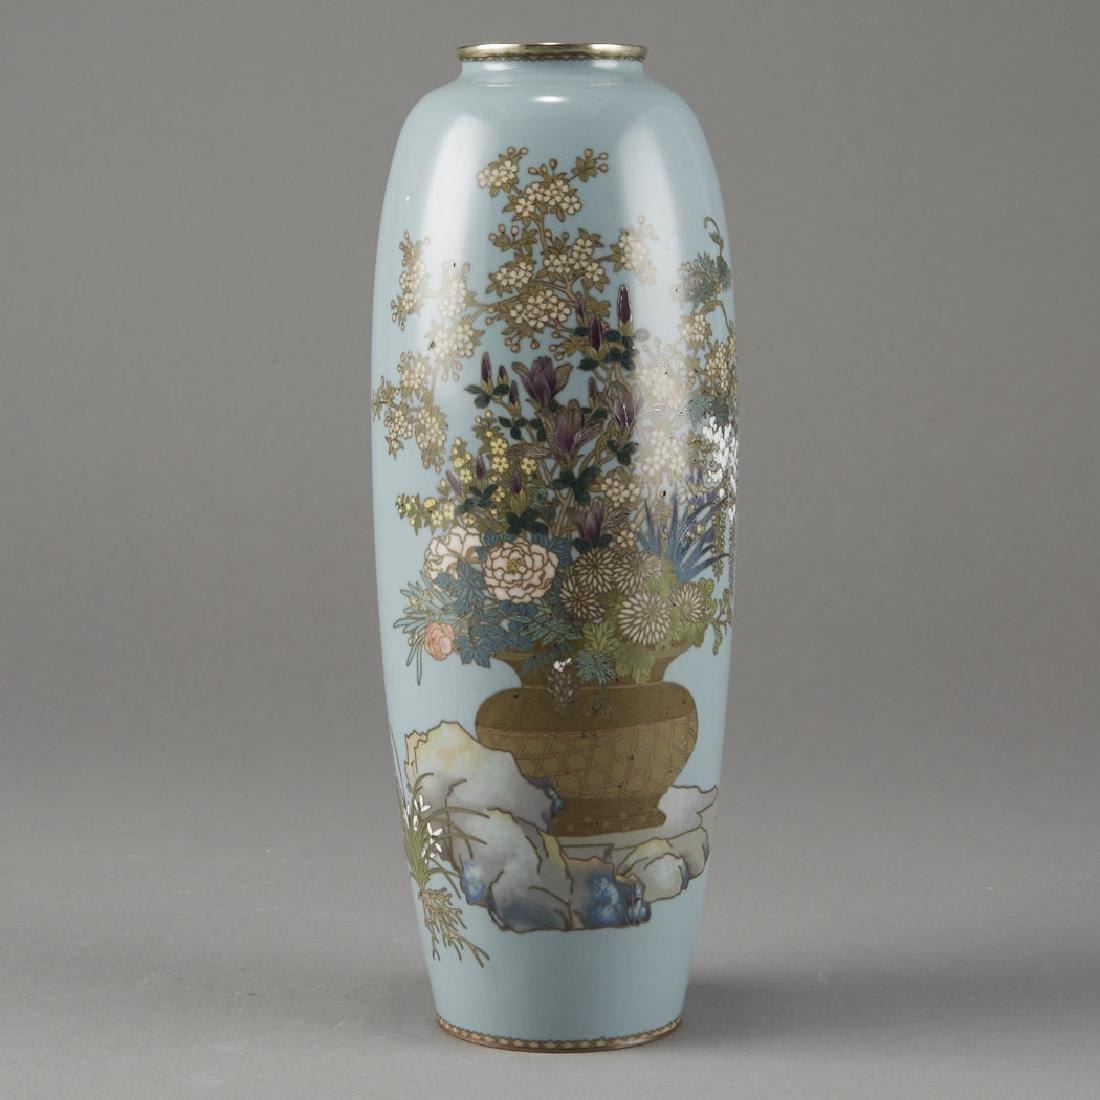 Japanese Cloisonne Vase after of Hayashi Kodenji